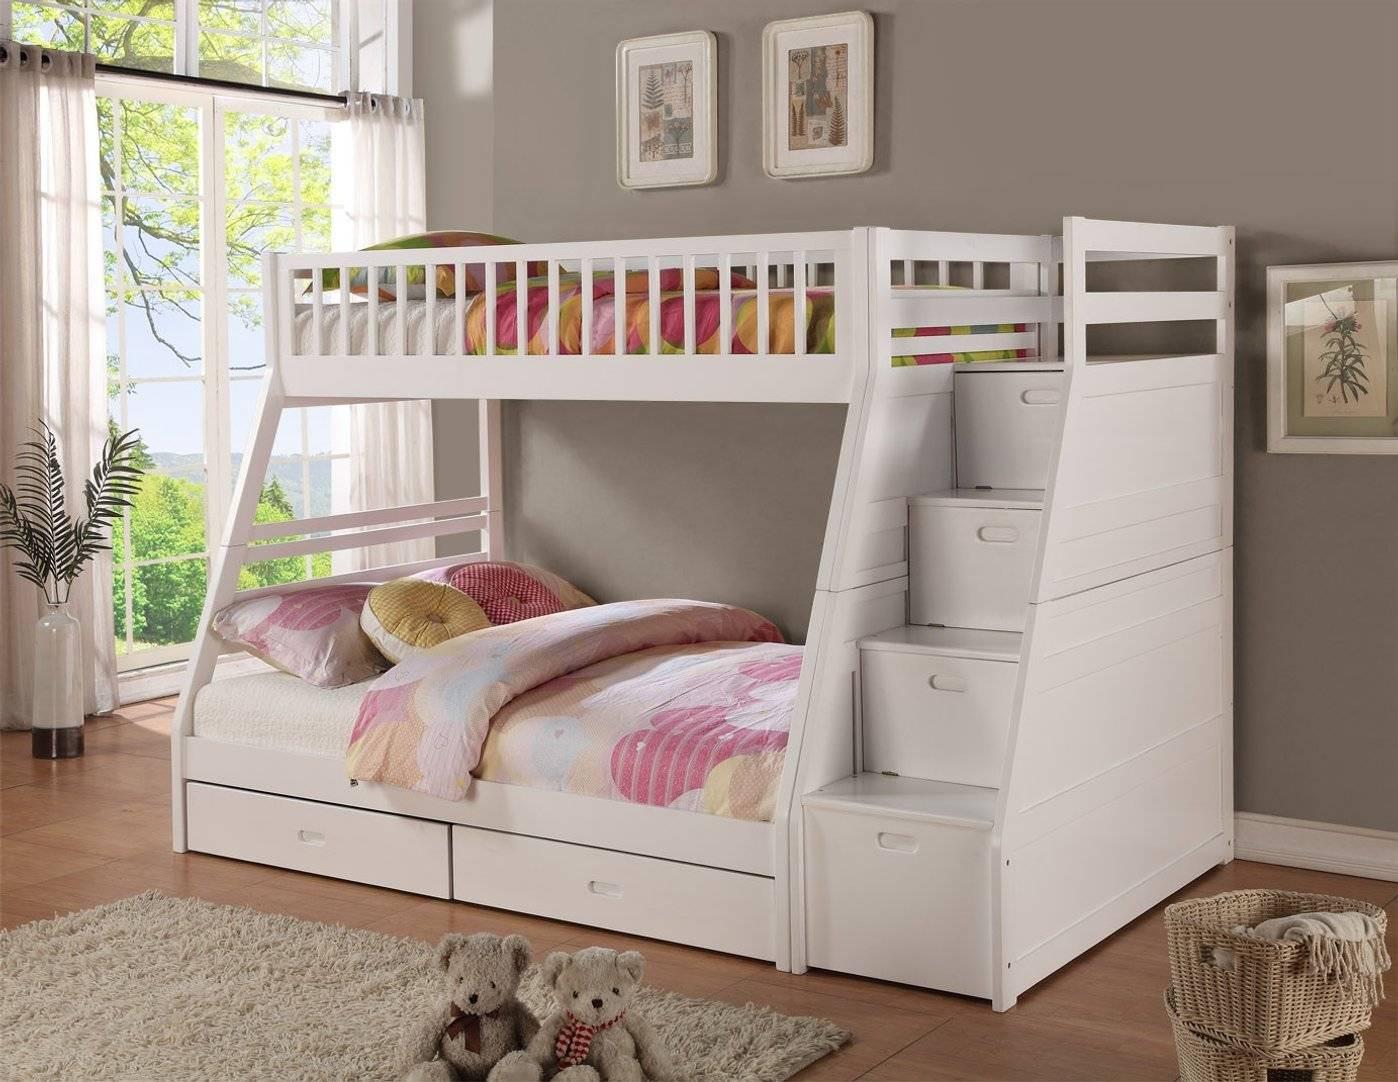 Chọn kích thước giường phù hợp